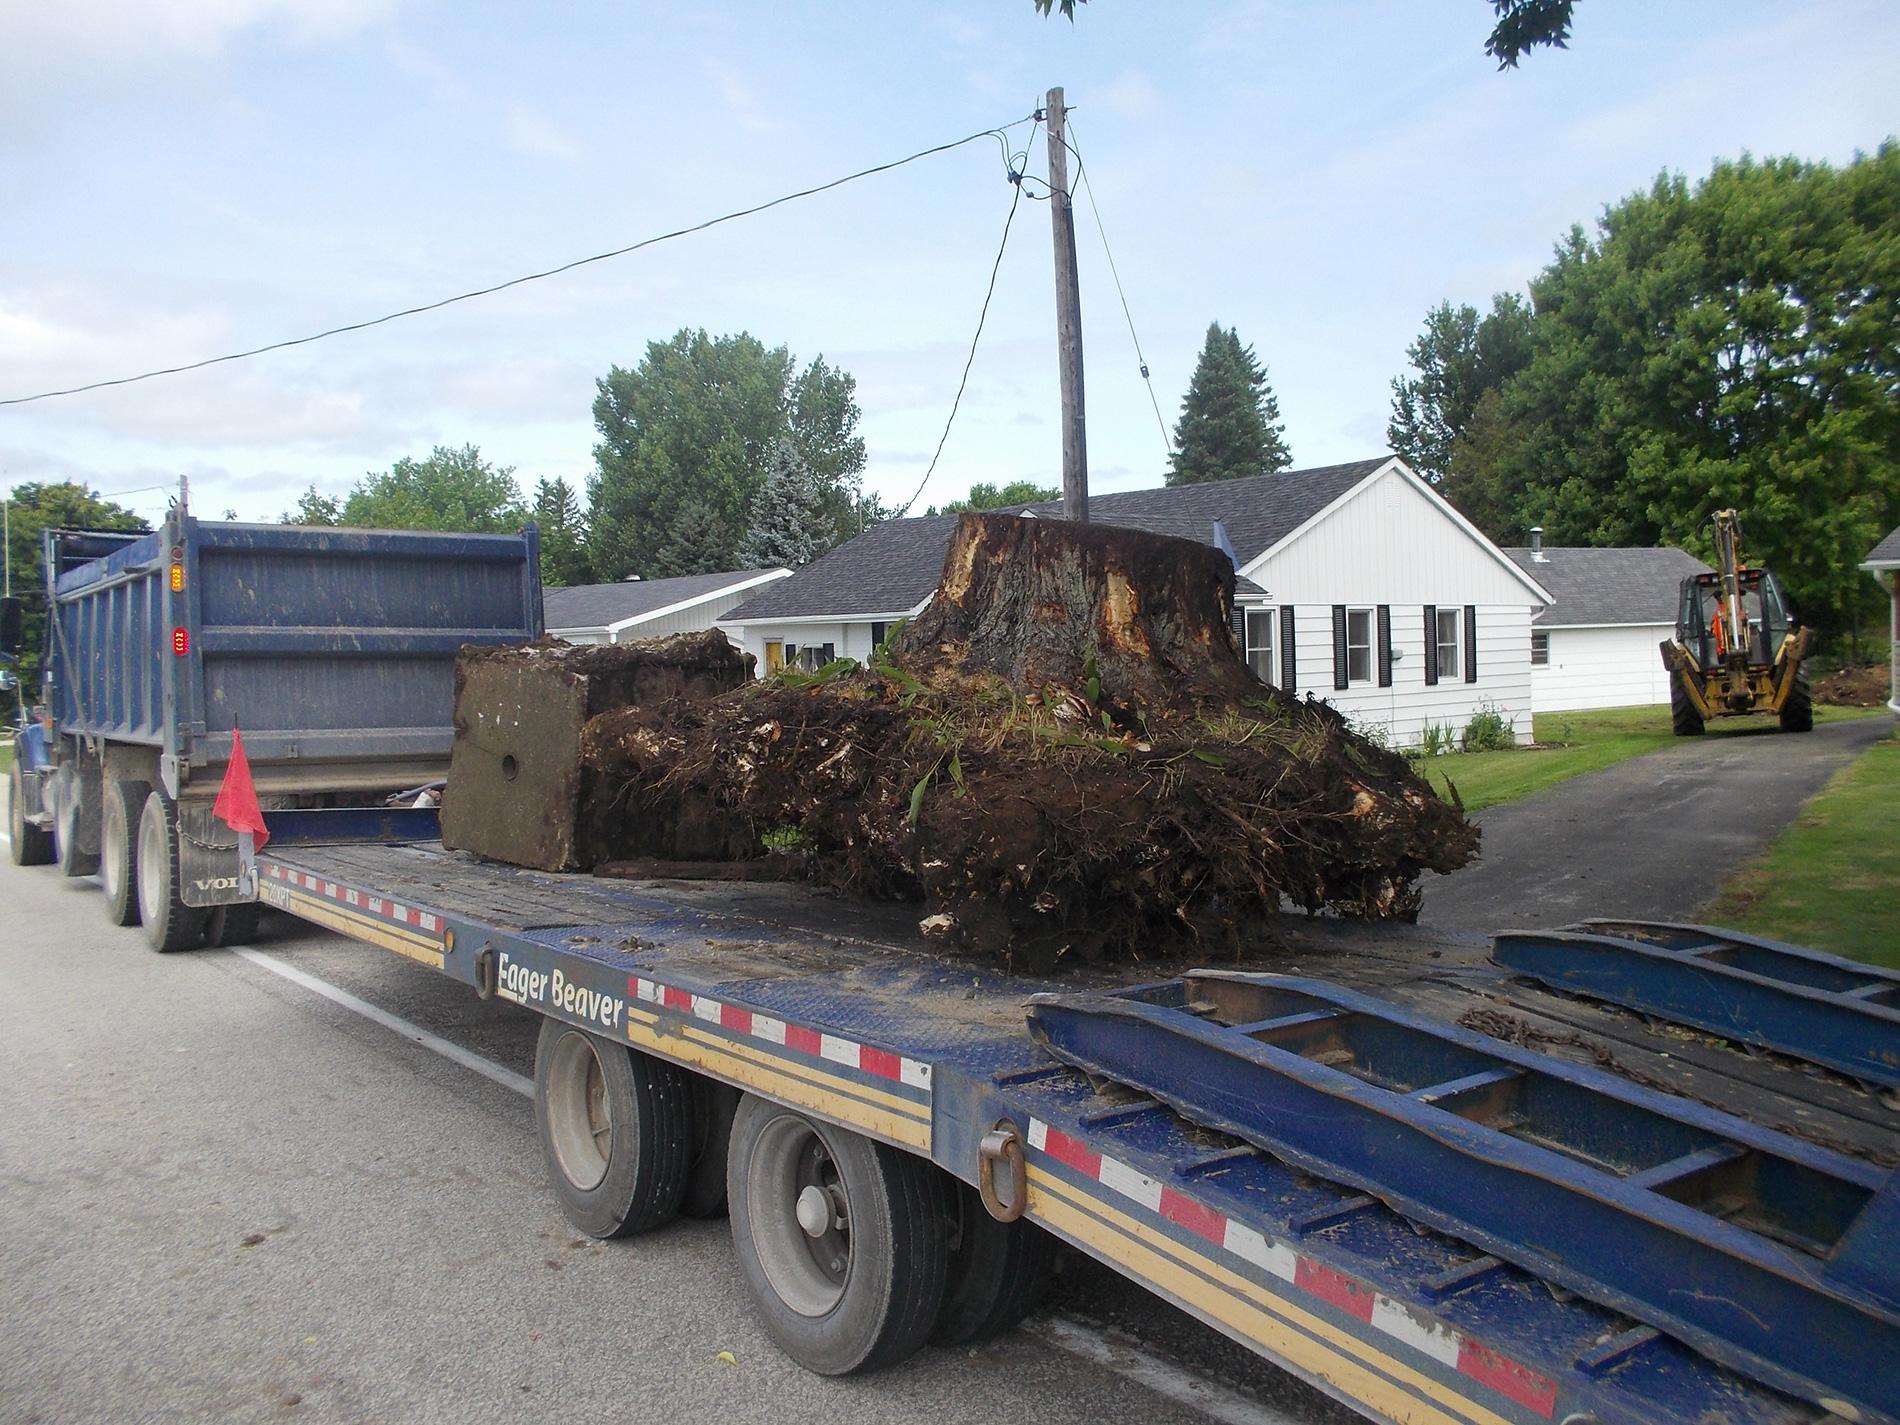 Tree stump on truck